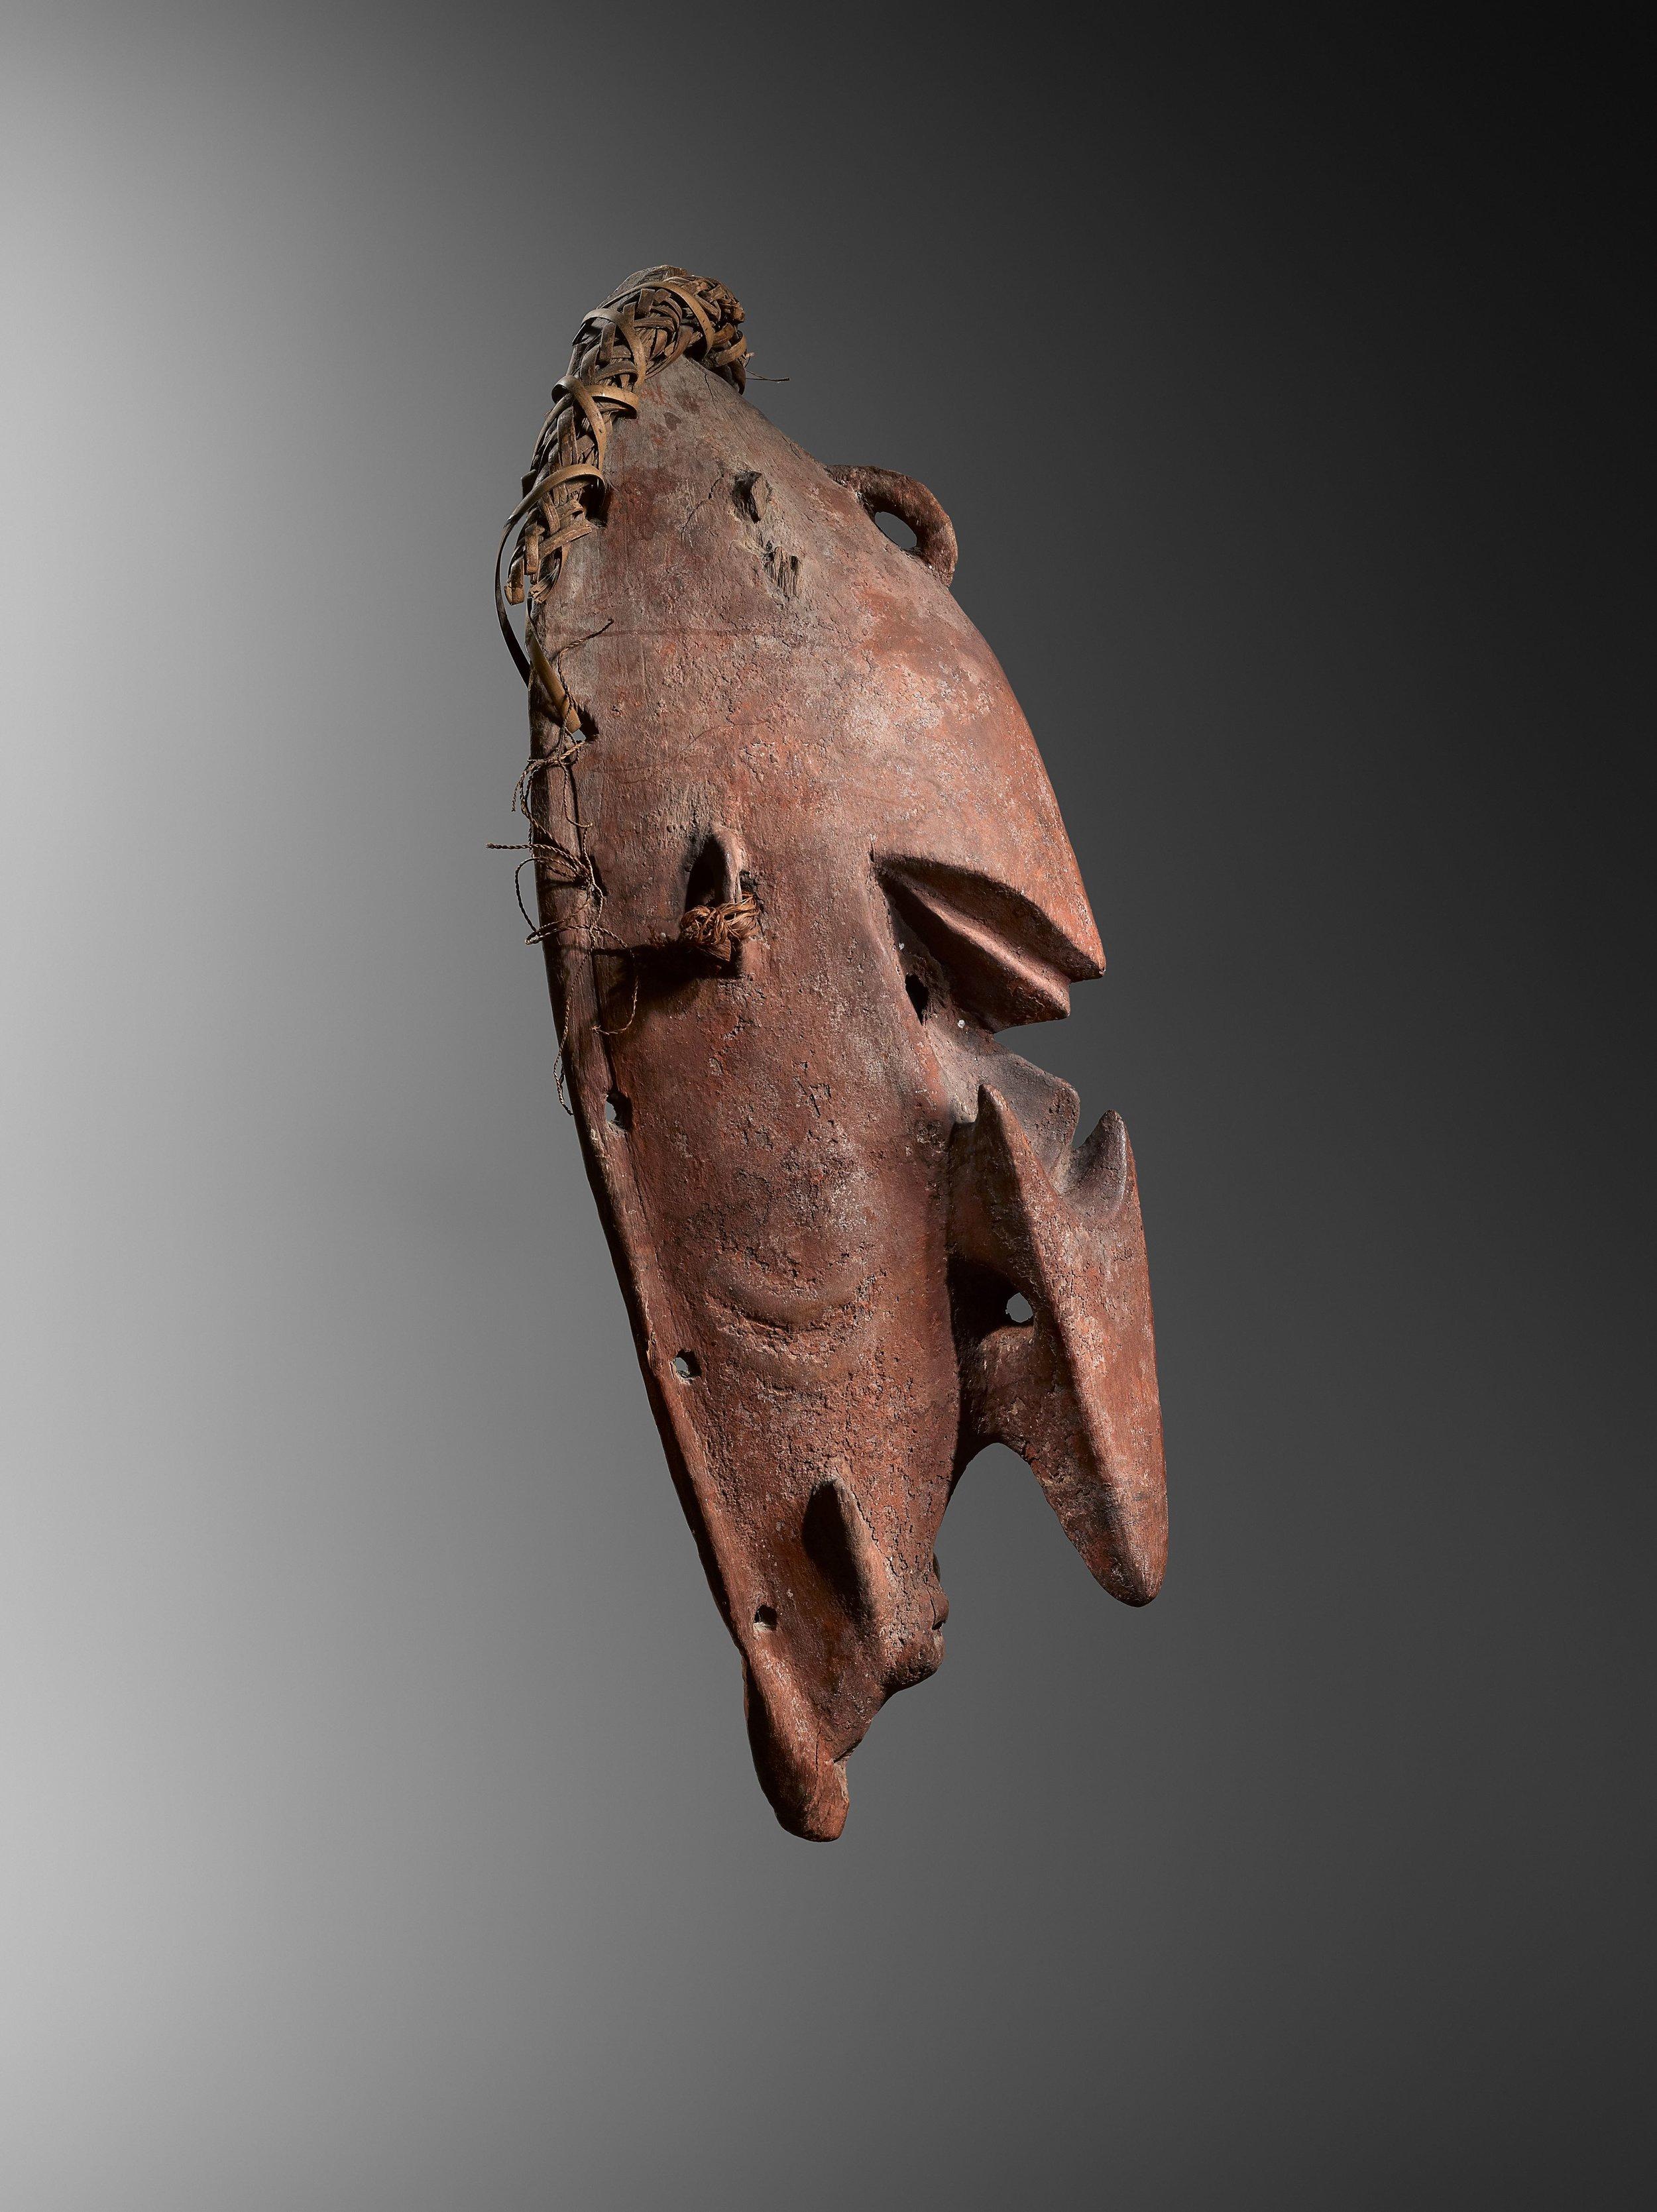 Mask. Probably Watam or Coastal Sepik. Wood, fibre and pigments. 55 cm. J. Poitou, Côte d'Azur, France. © Hugues Dubois, Brussels/Paris